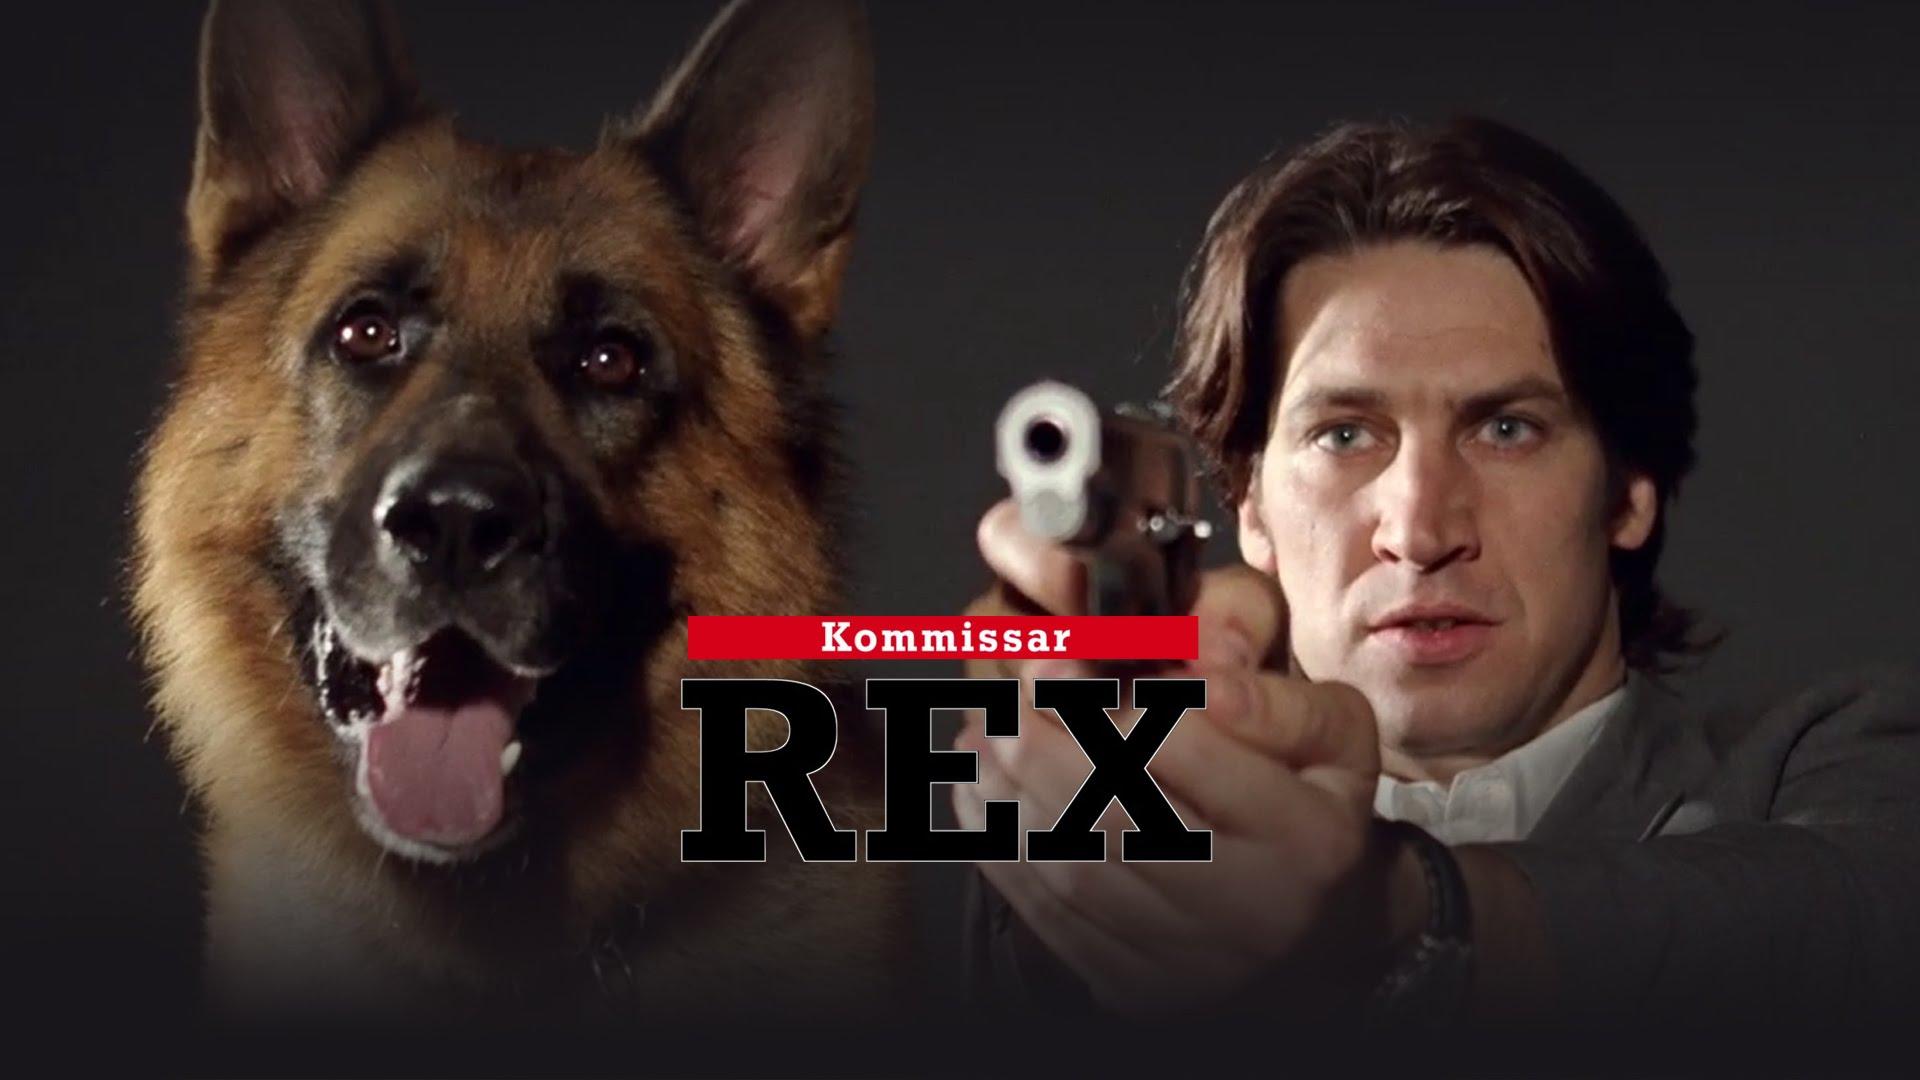 комиссар рекс сериал komissar rex series пес отвратительные мужики disgusting men